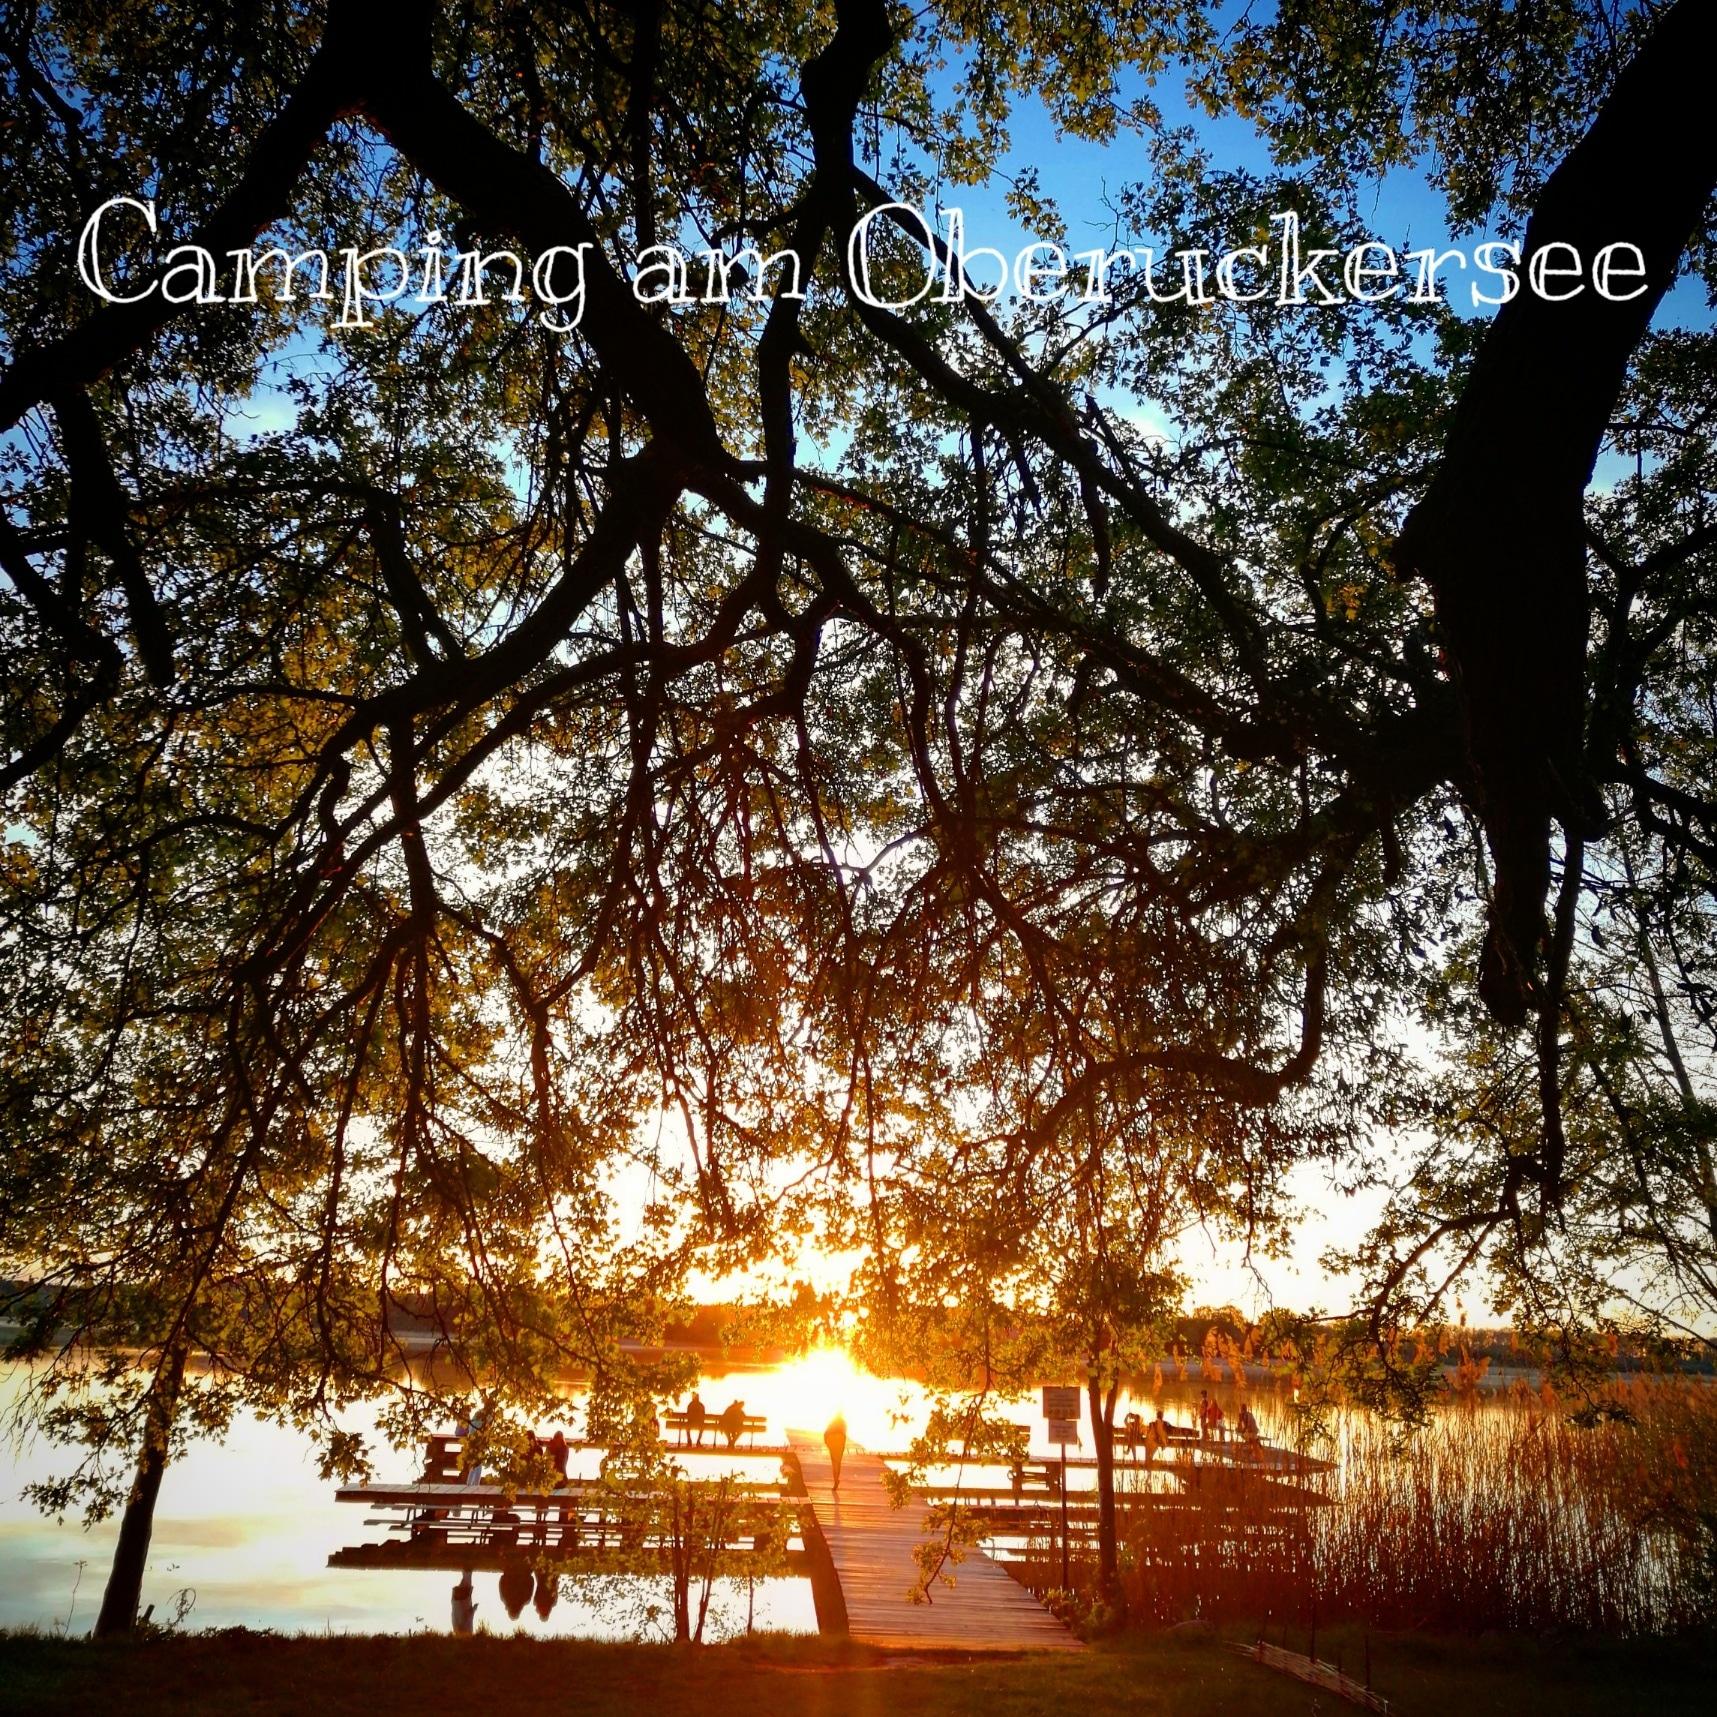 Camping Oberuckersee, Uckermark, Brandenburg, Urlaub, reisen, verreisen, campen, wohnmobil, sommerurllaub, reisen mit kindern, kinderfreundlicher campingplatz, see